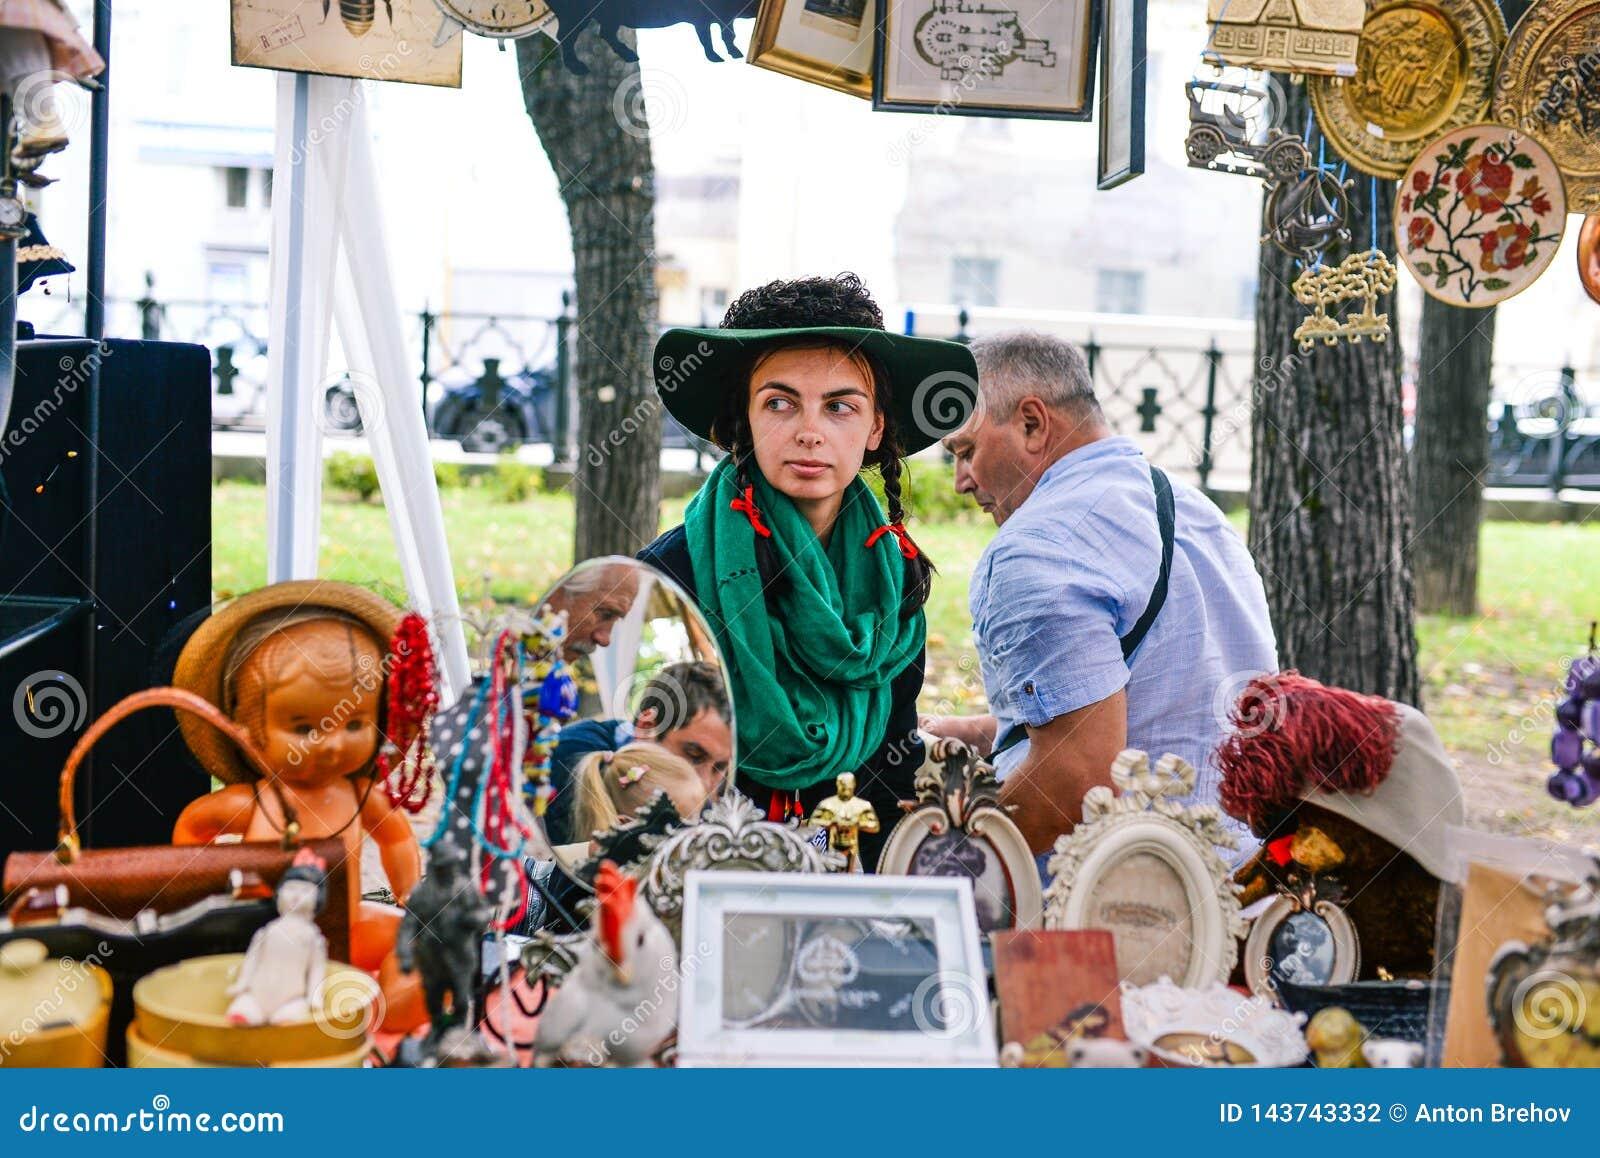 Russland, Stadt Moskau - 6. September 2014: Junges schönes Mädchen in einem Hut mit paly und im grünen Schal Eine Frau verkauft A